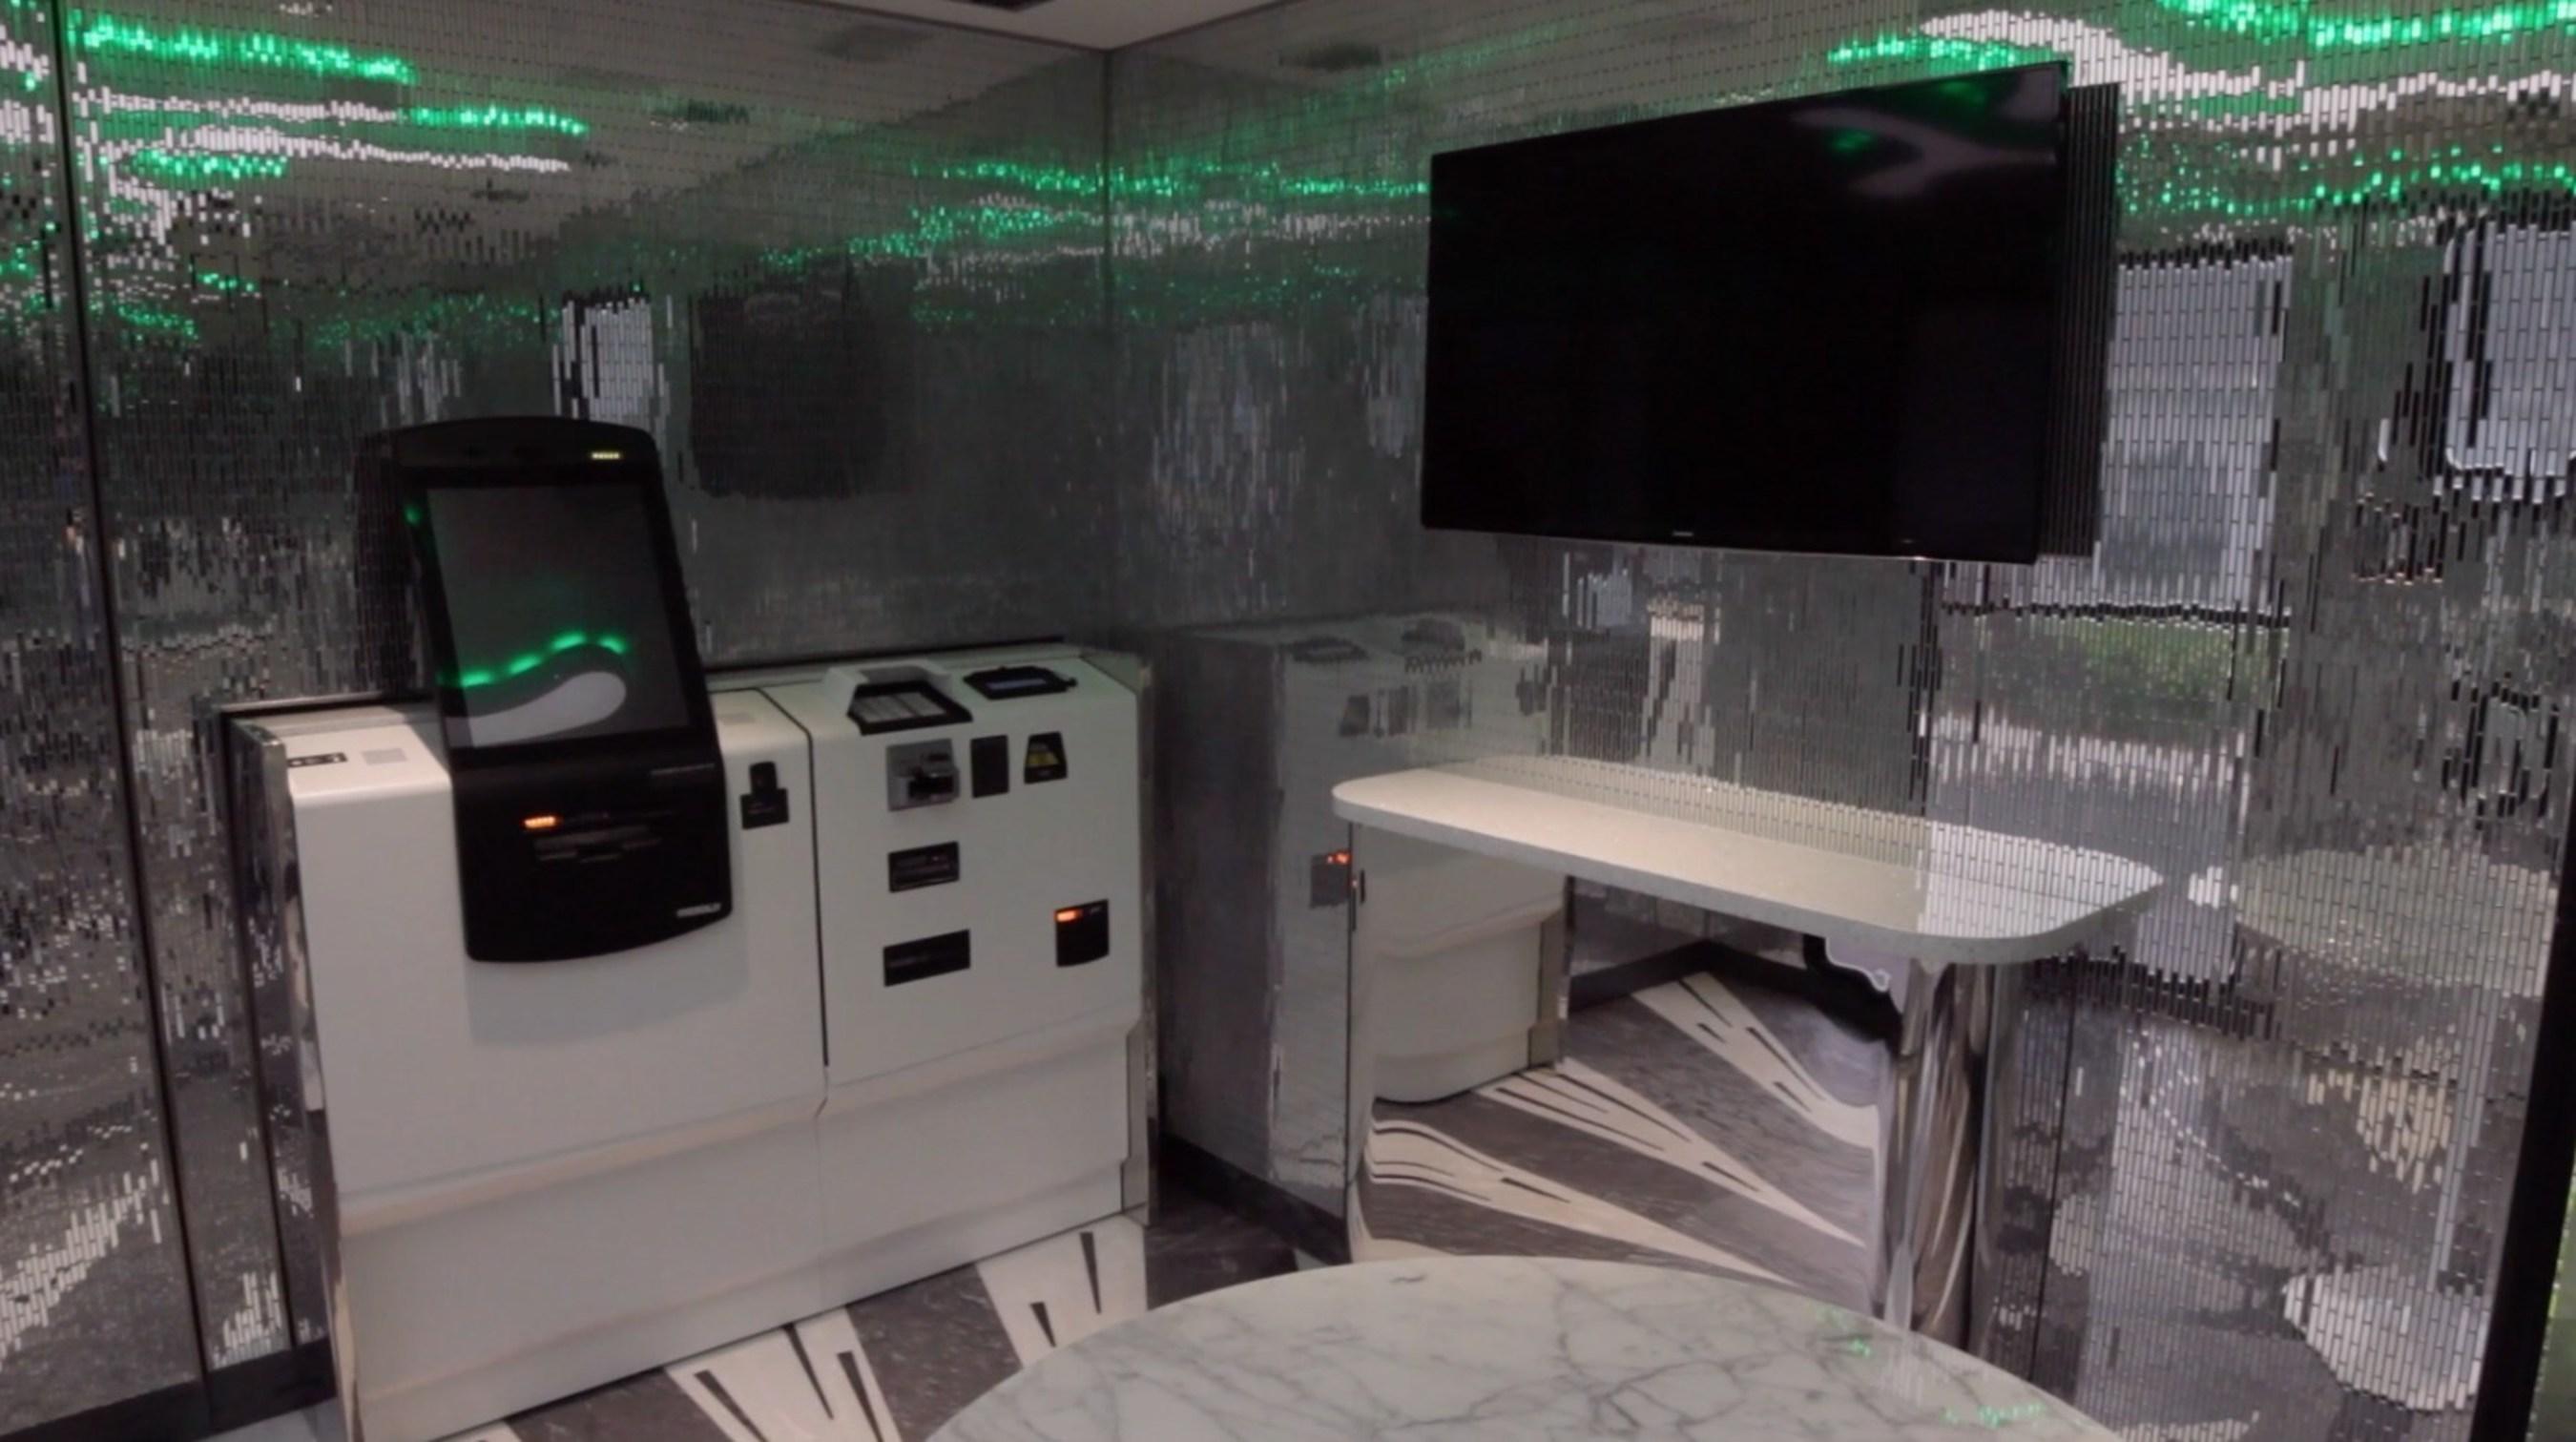 c1 bank unveils c1 bankmobile. Black Bedroom Furniture Sets. Home Design Ideas